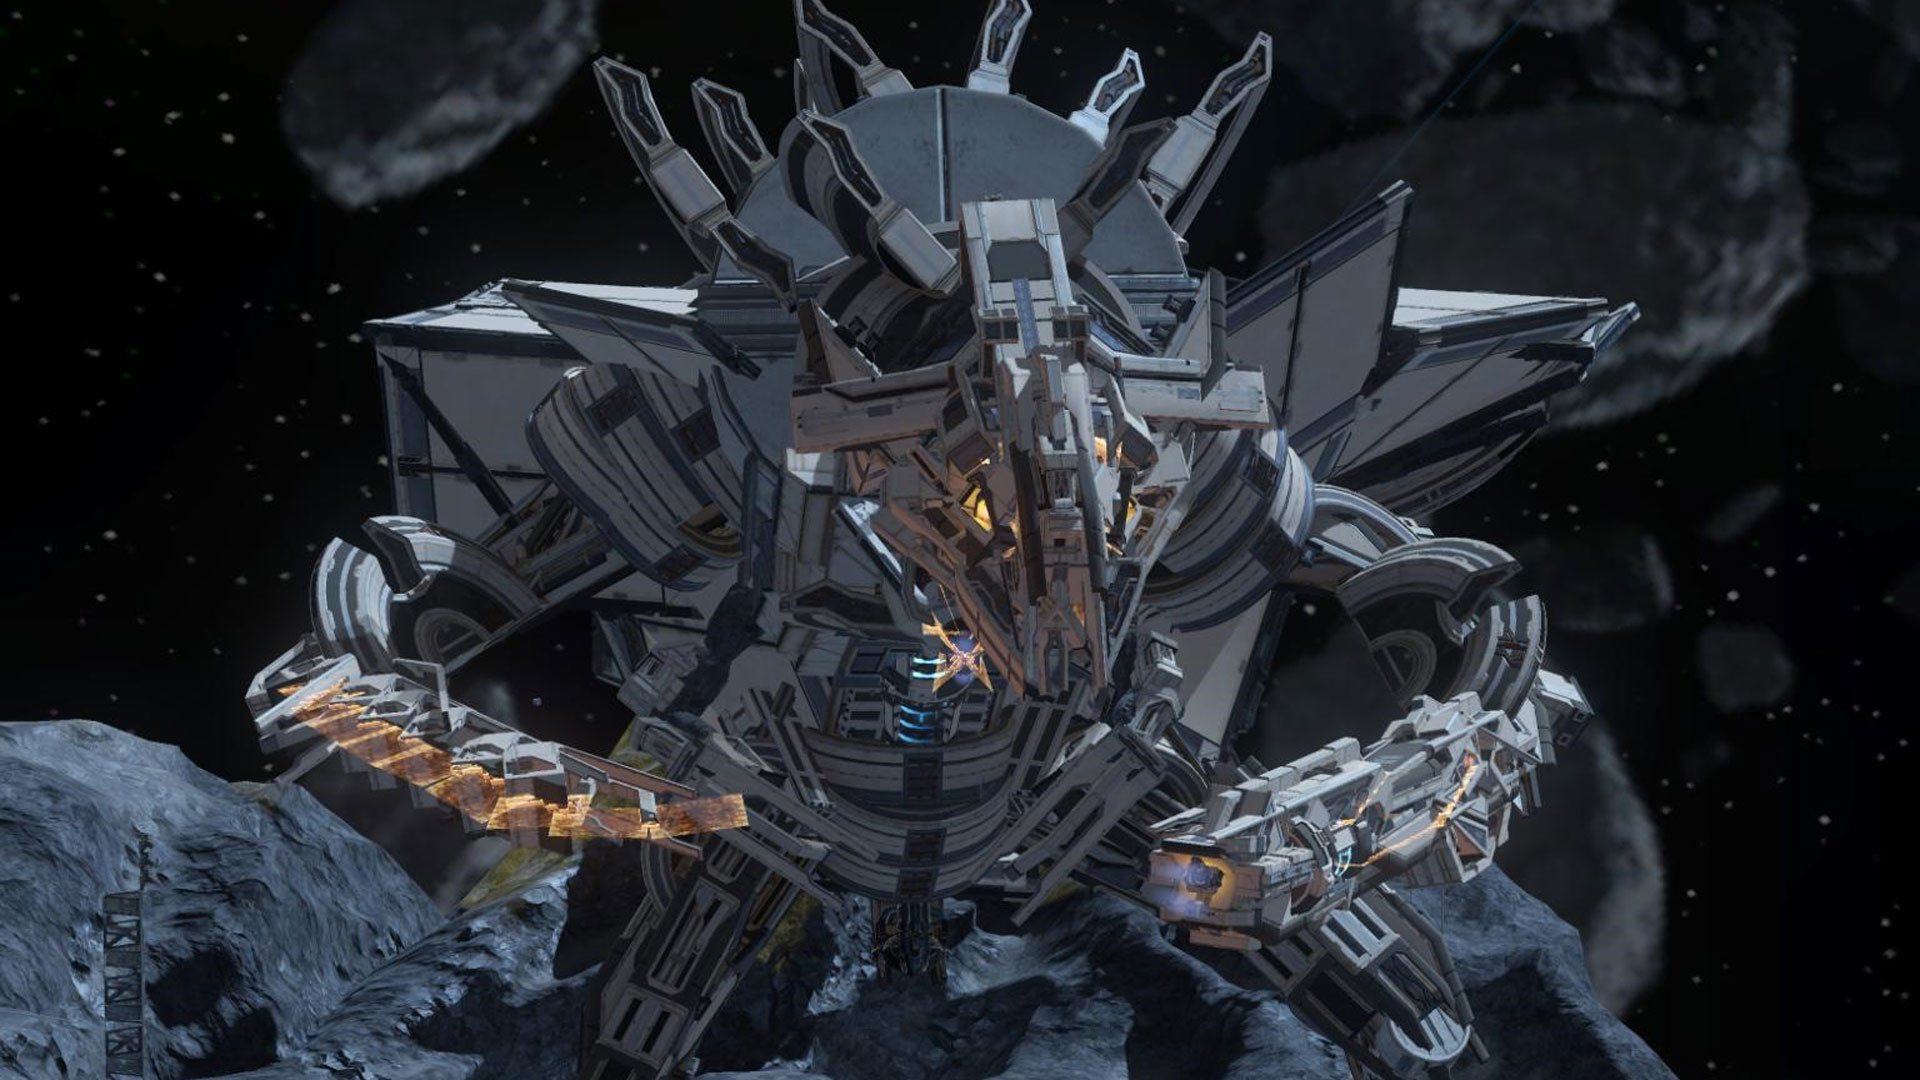 Promethean Battle Wagon – By: AEROSTRIKE